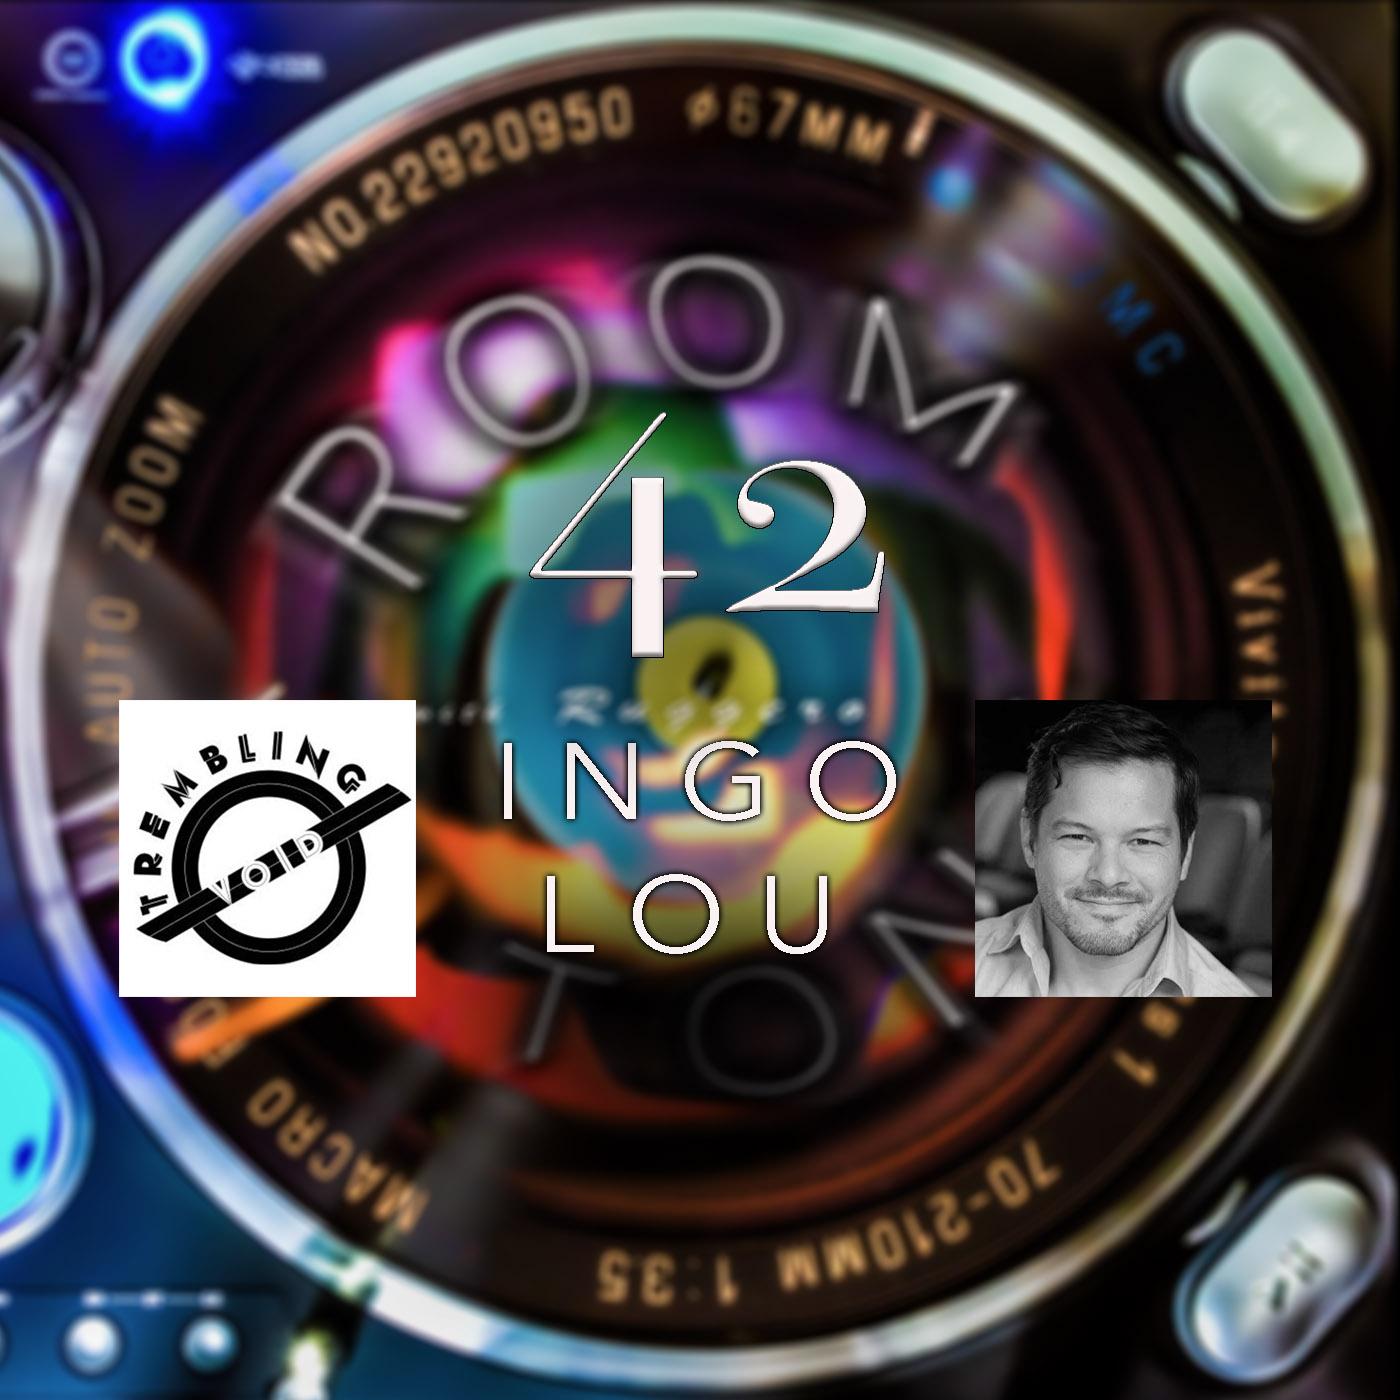 Room Tone Take 42.jpg